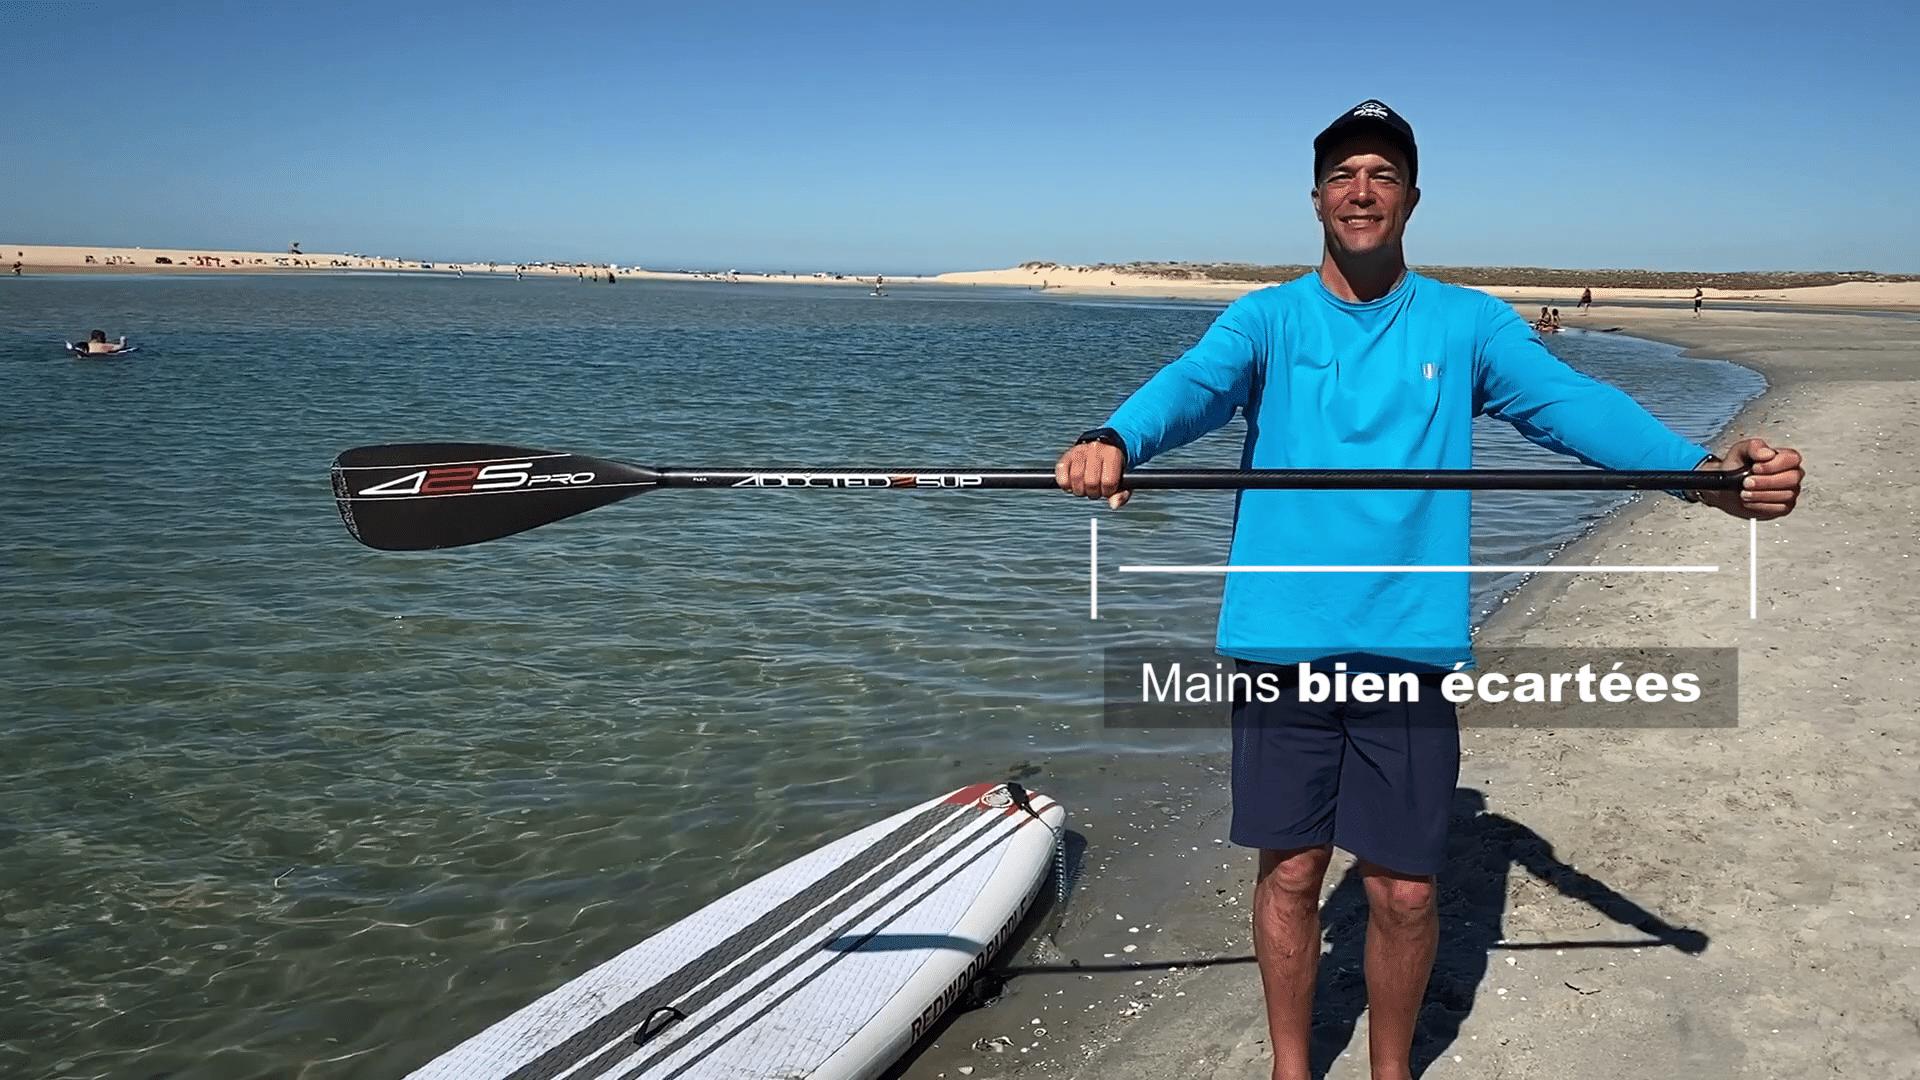 mains bien écartées en stand up paddle